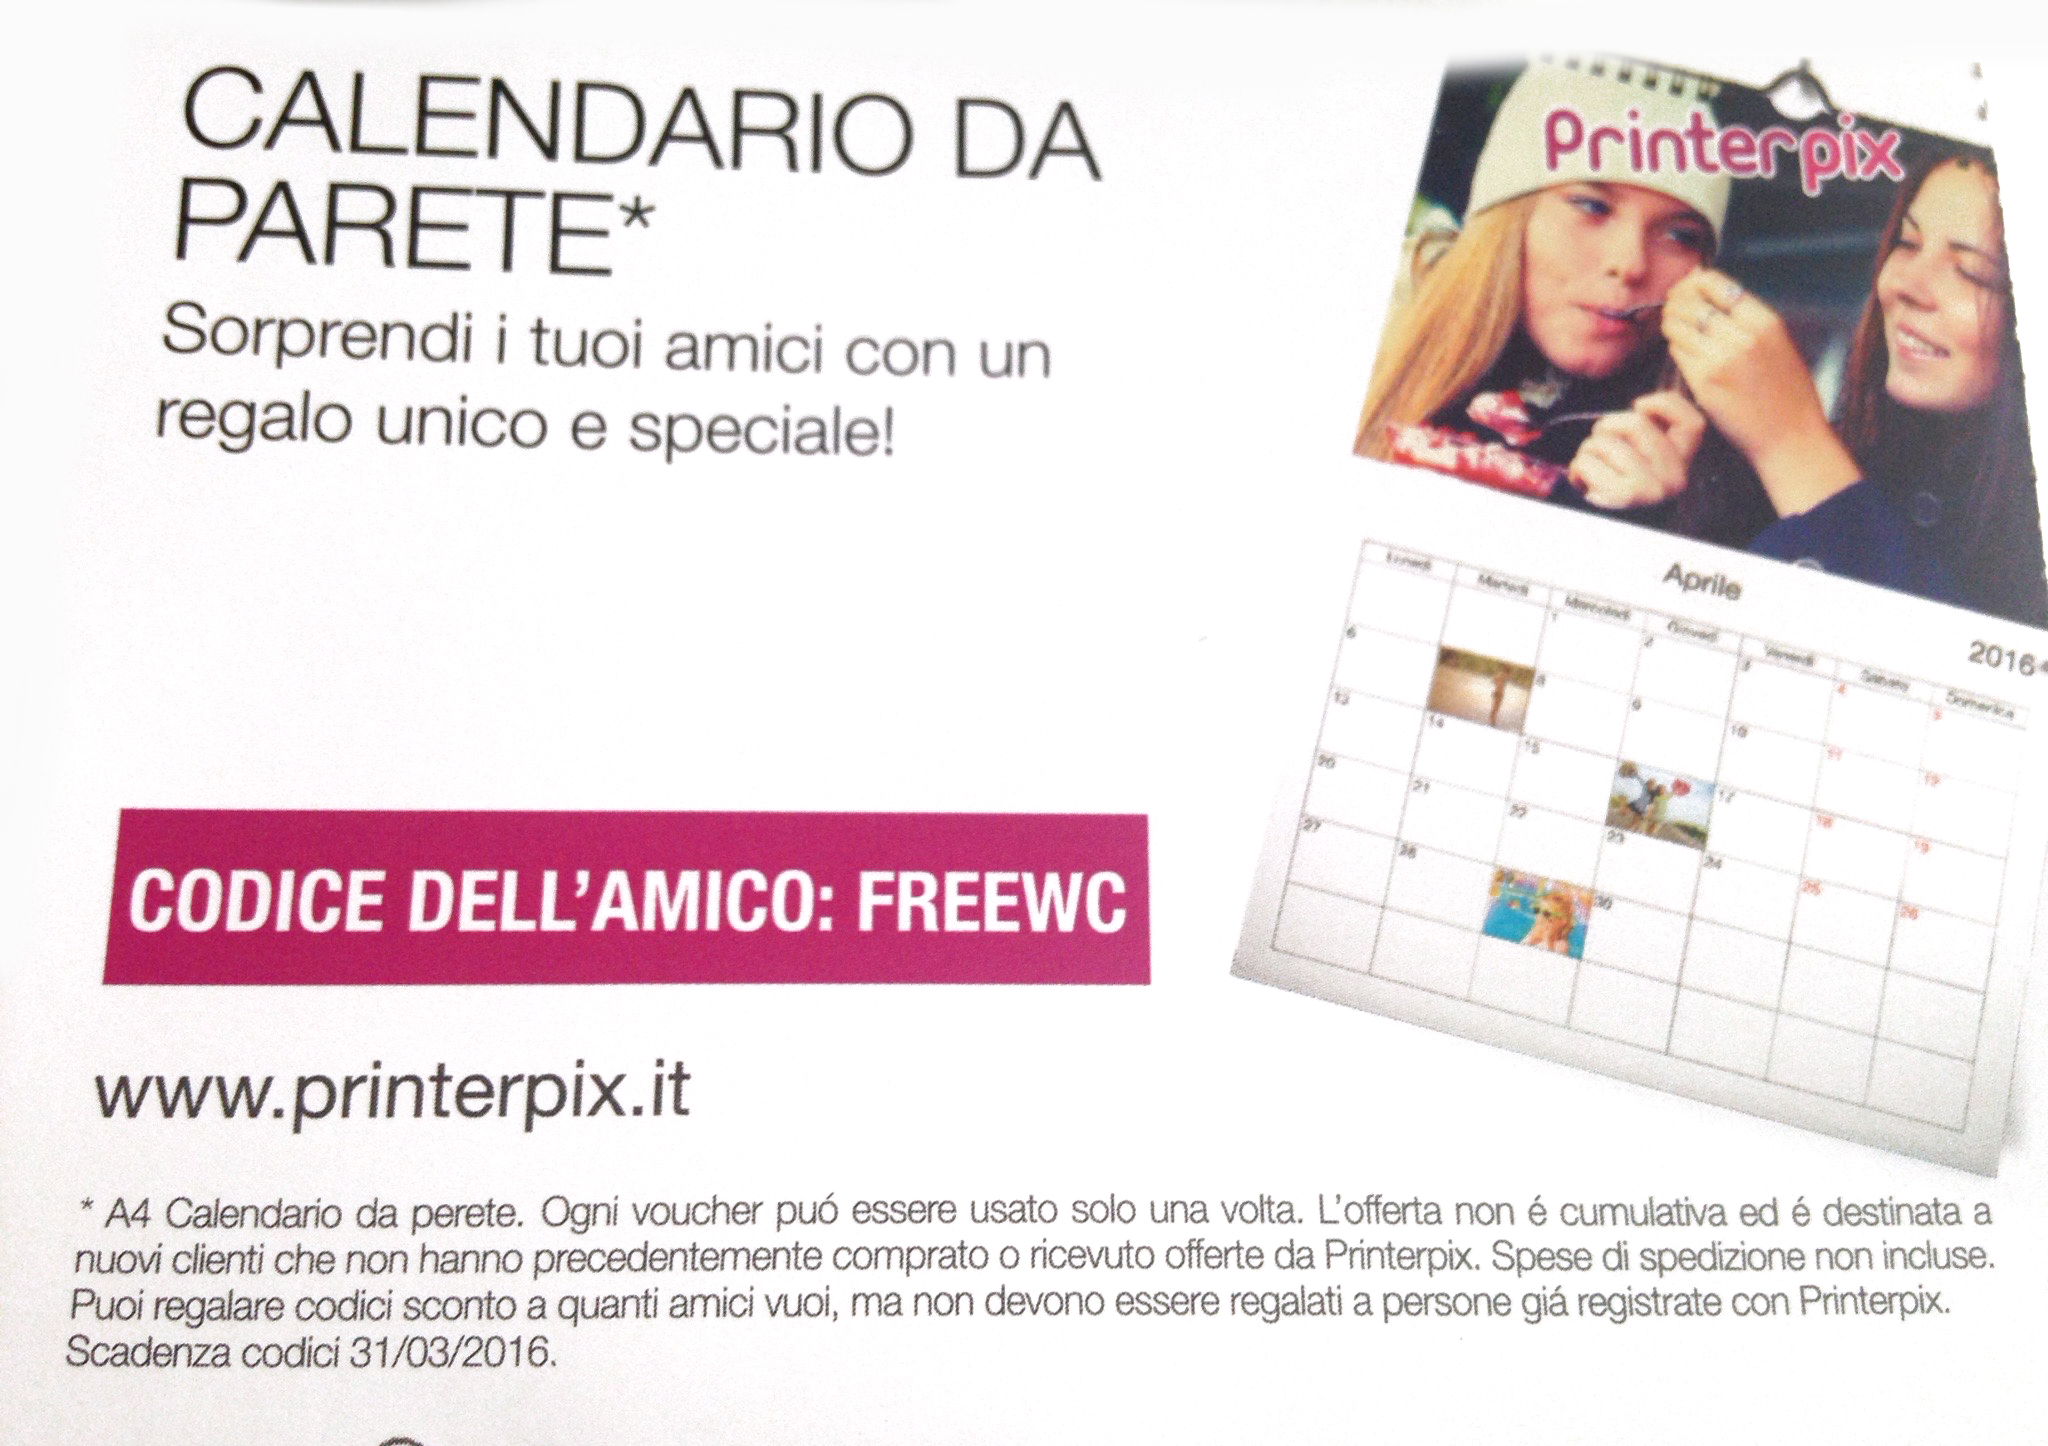 printerpix coupon prodotto gratis omaggio calendario